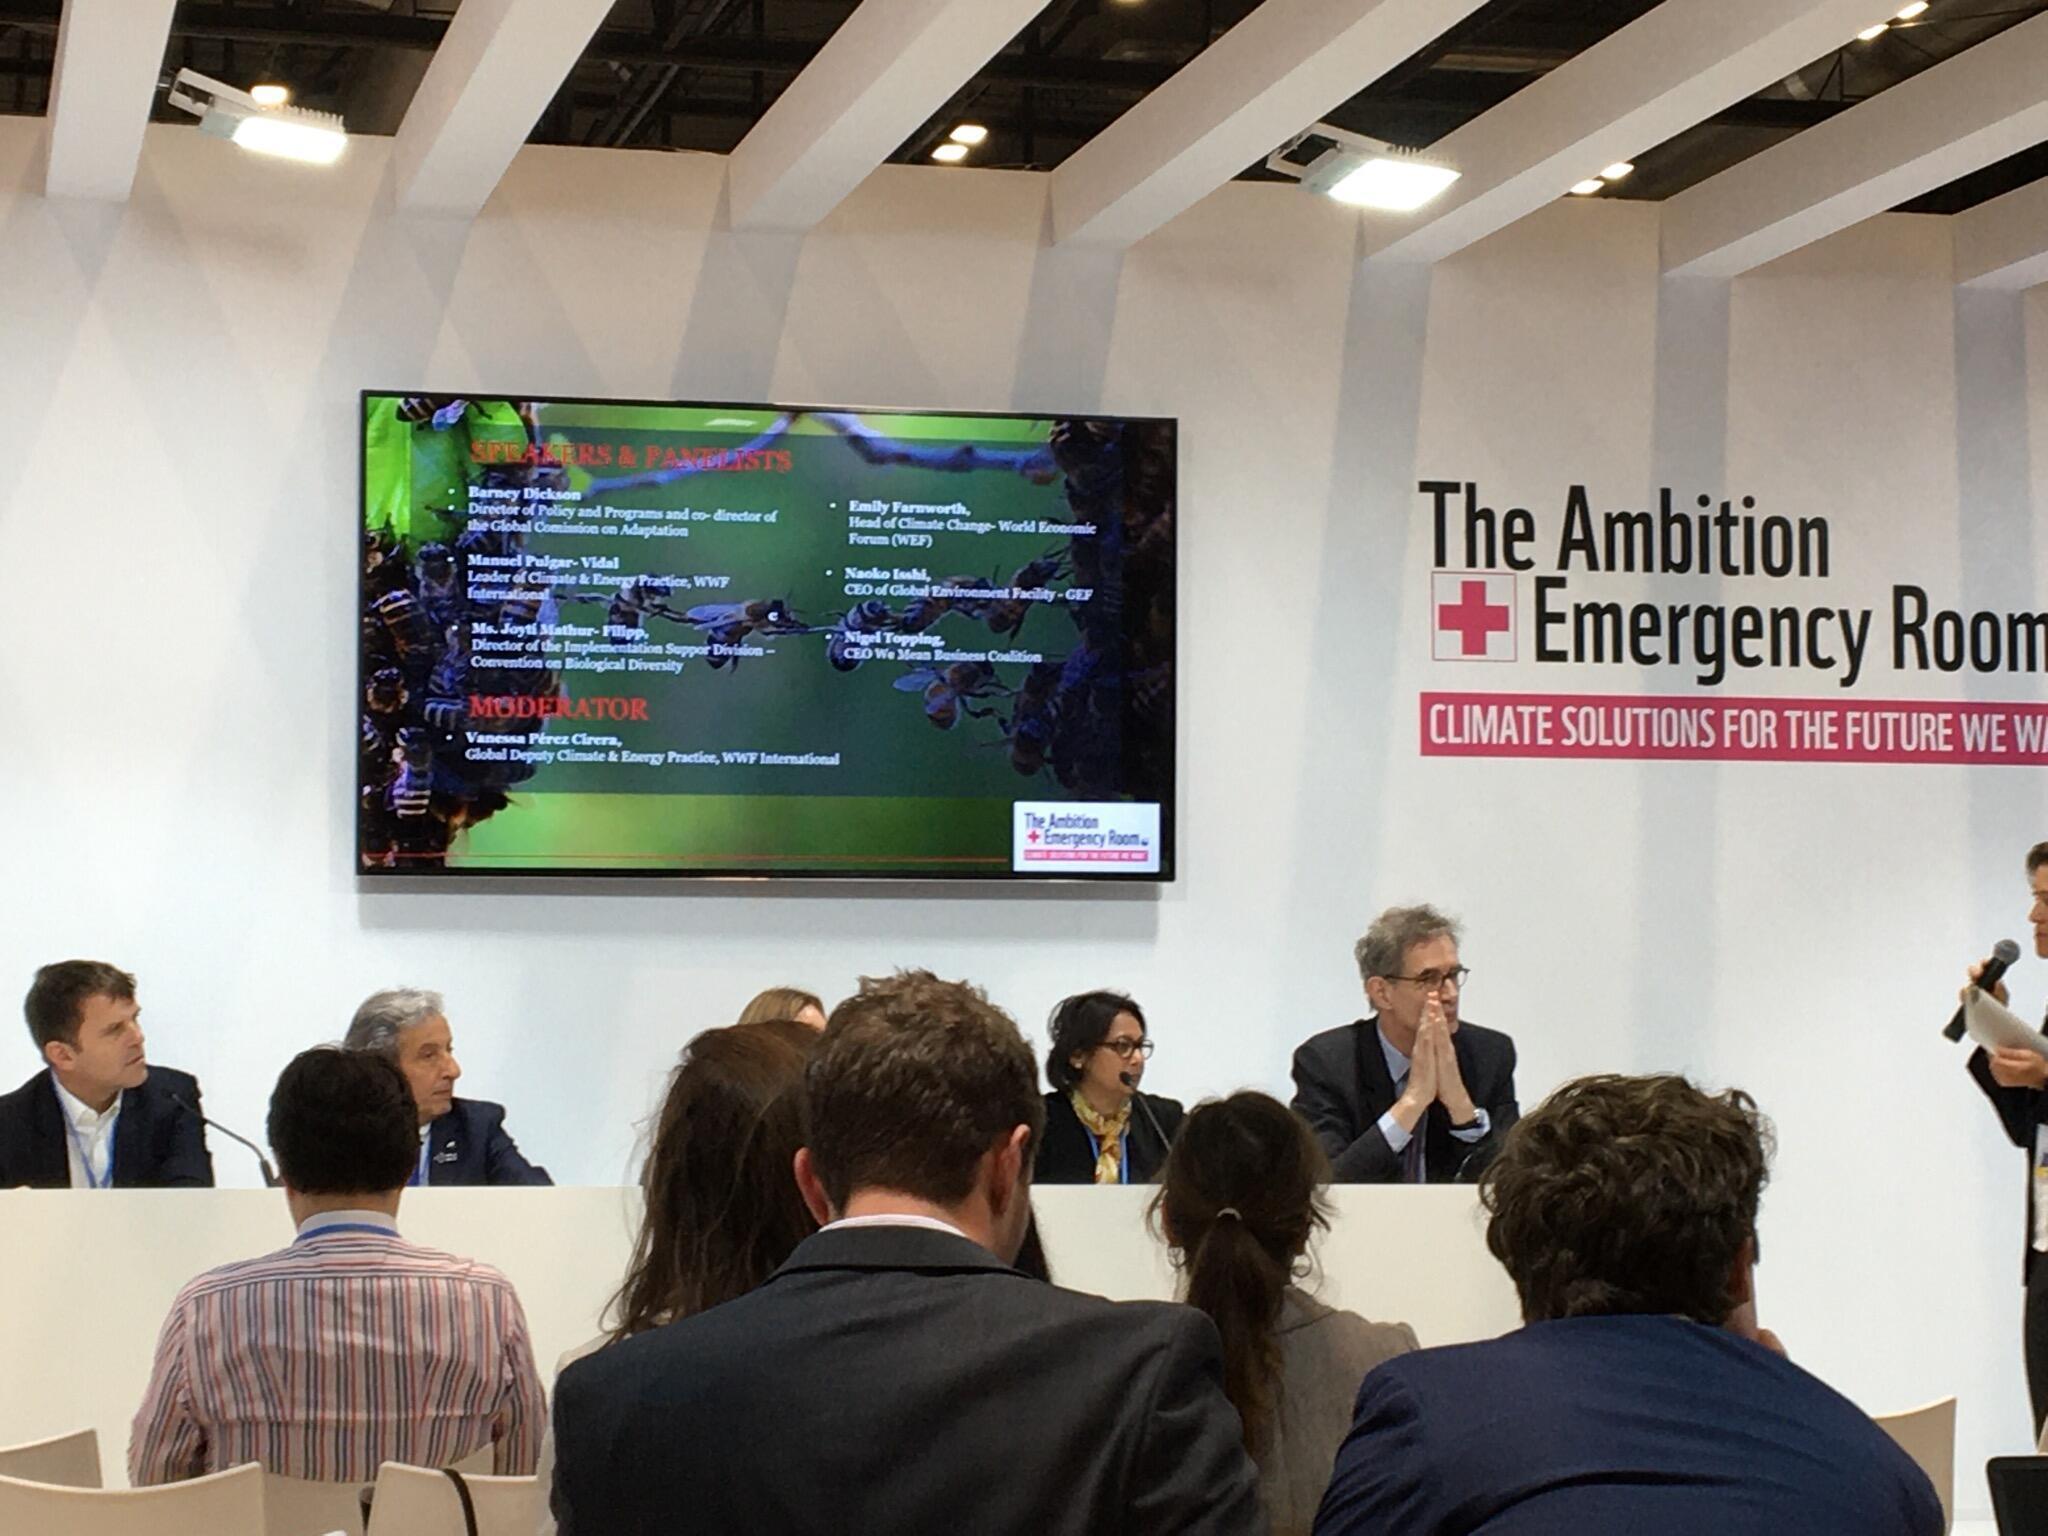 世界自然基金會(WWF)的討論議題圍繞如何更多用自然的方式生產向綠色經濟過渡